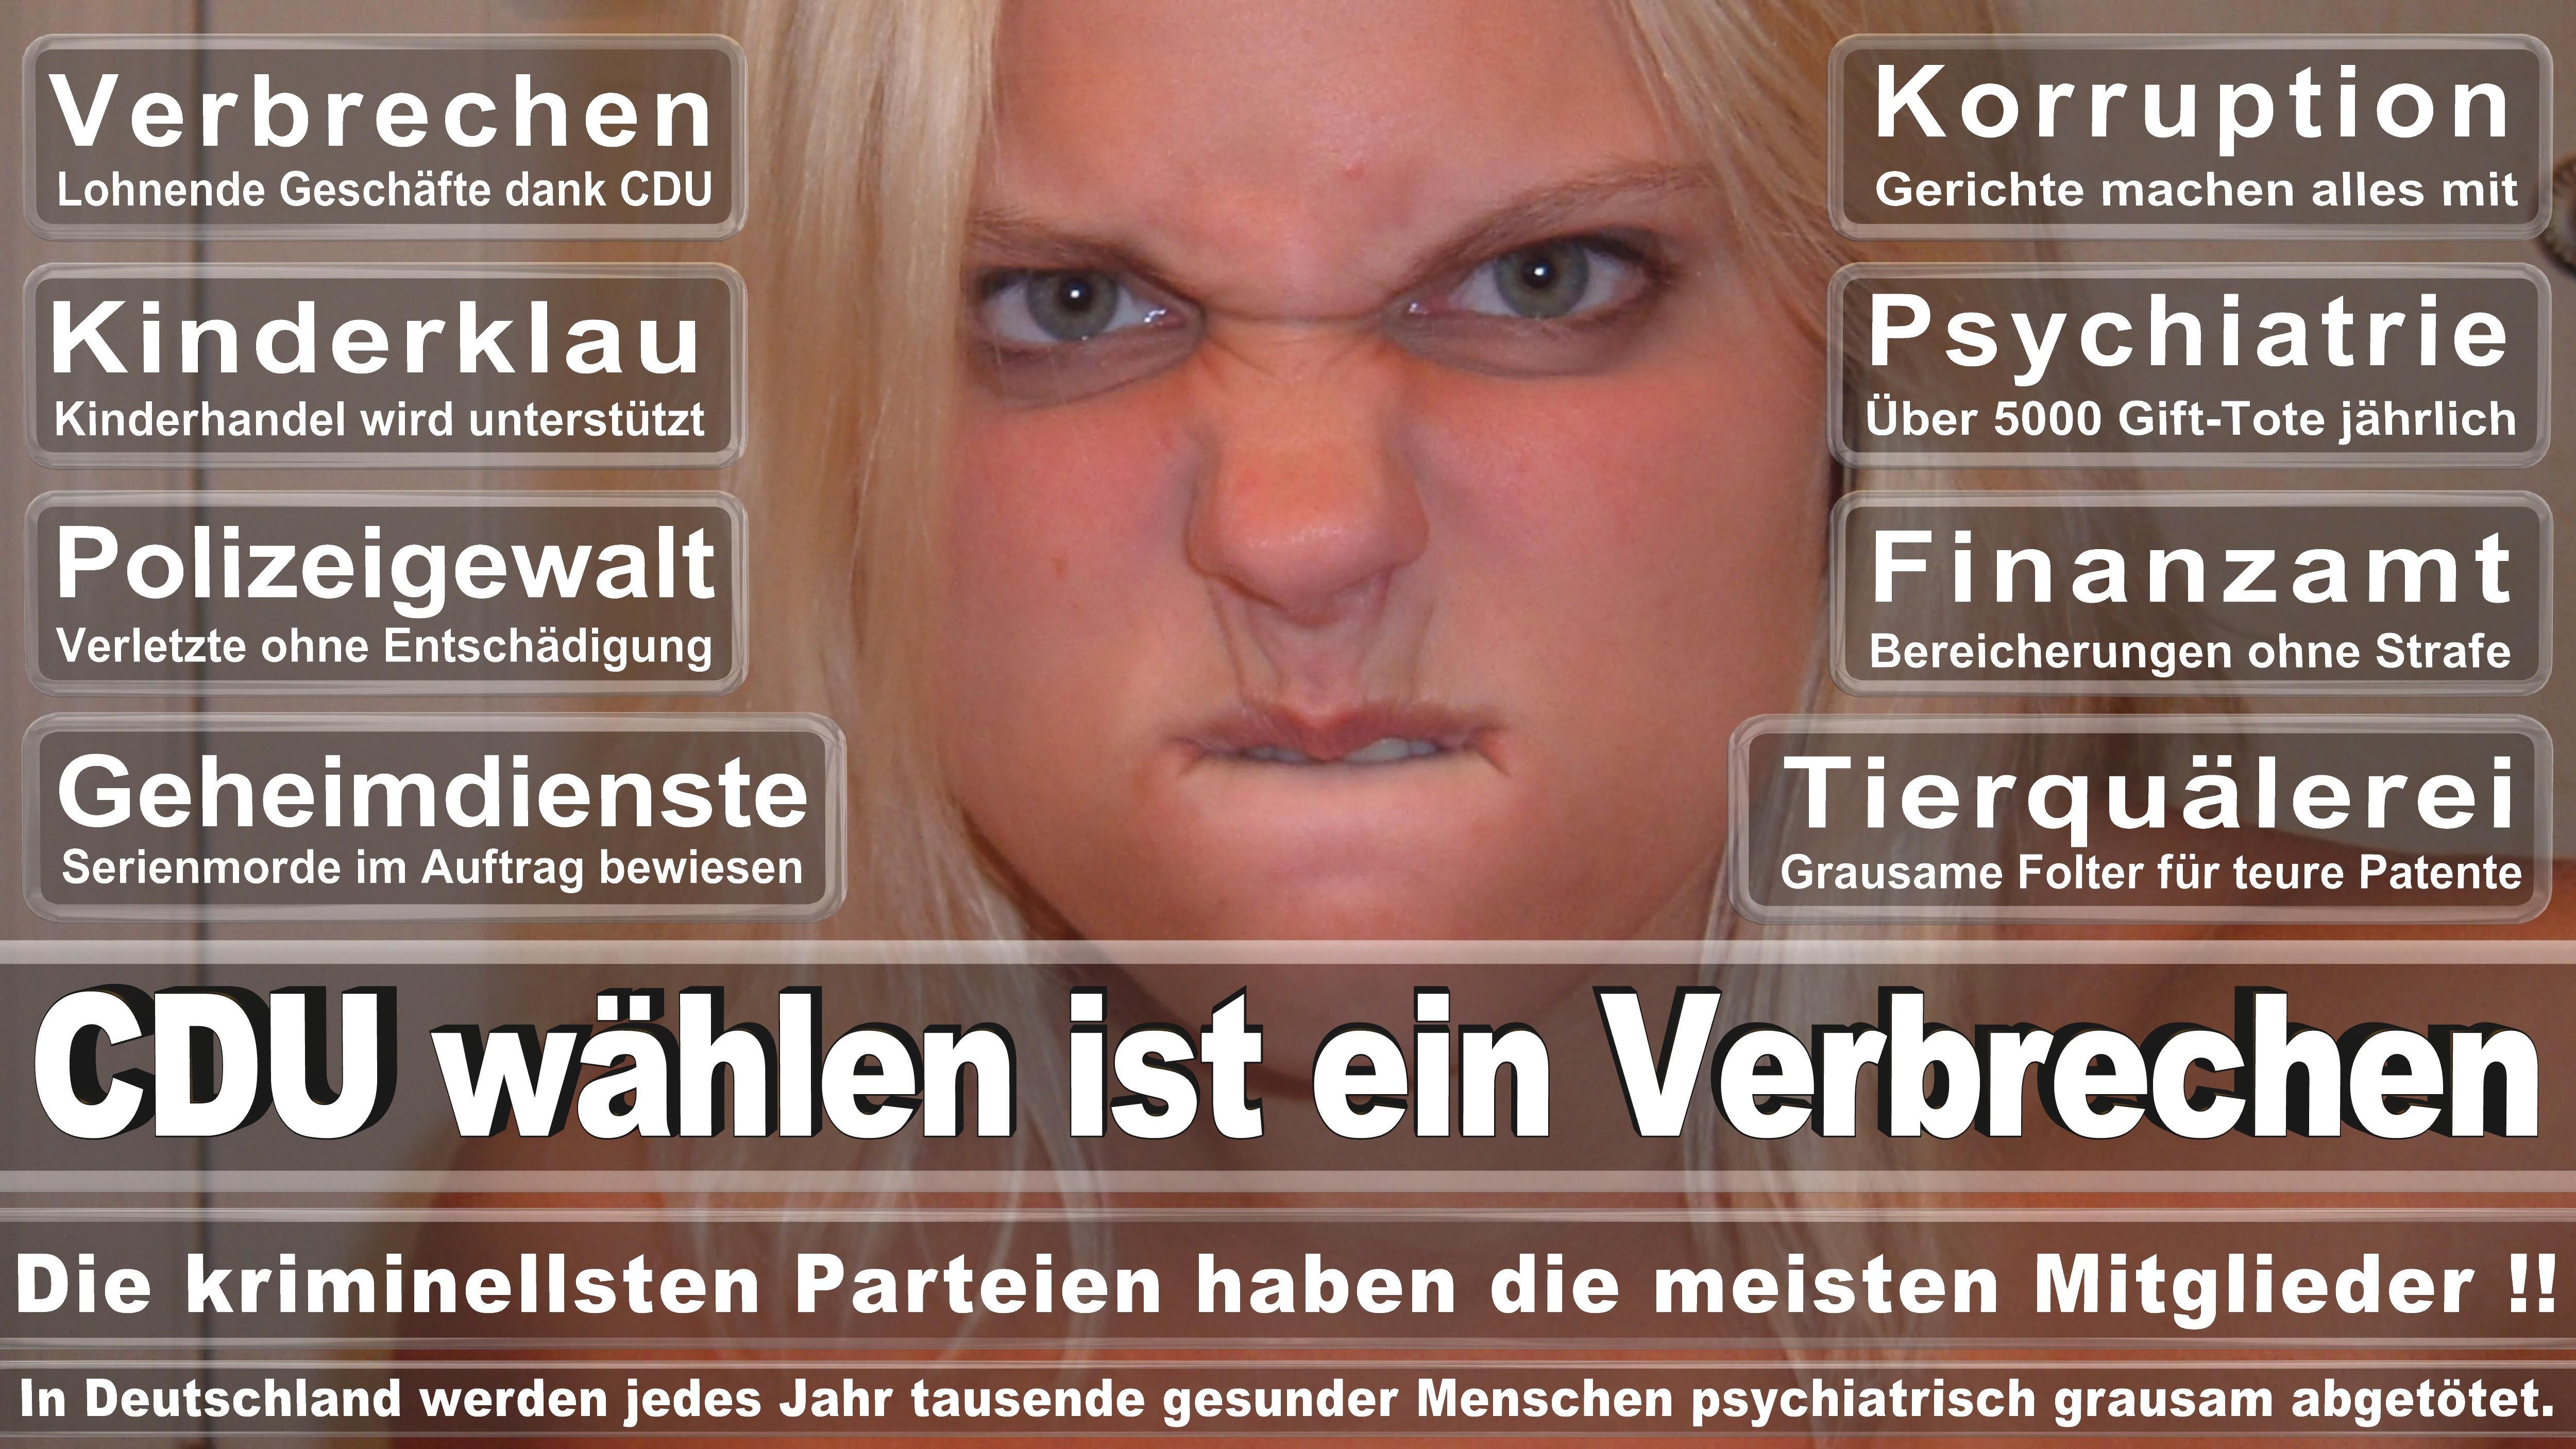 Matern Von Marschall CDU Baden Württemberg Freiburg Politiker Deutschland